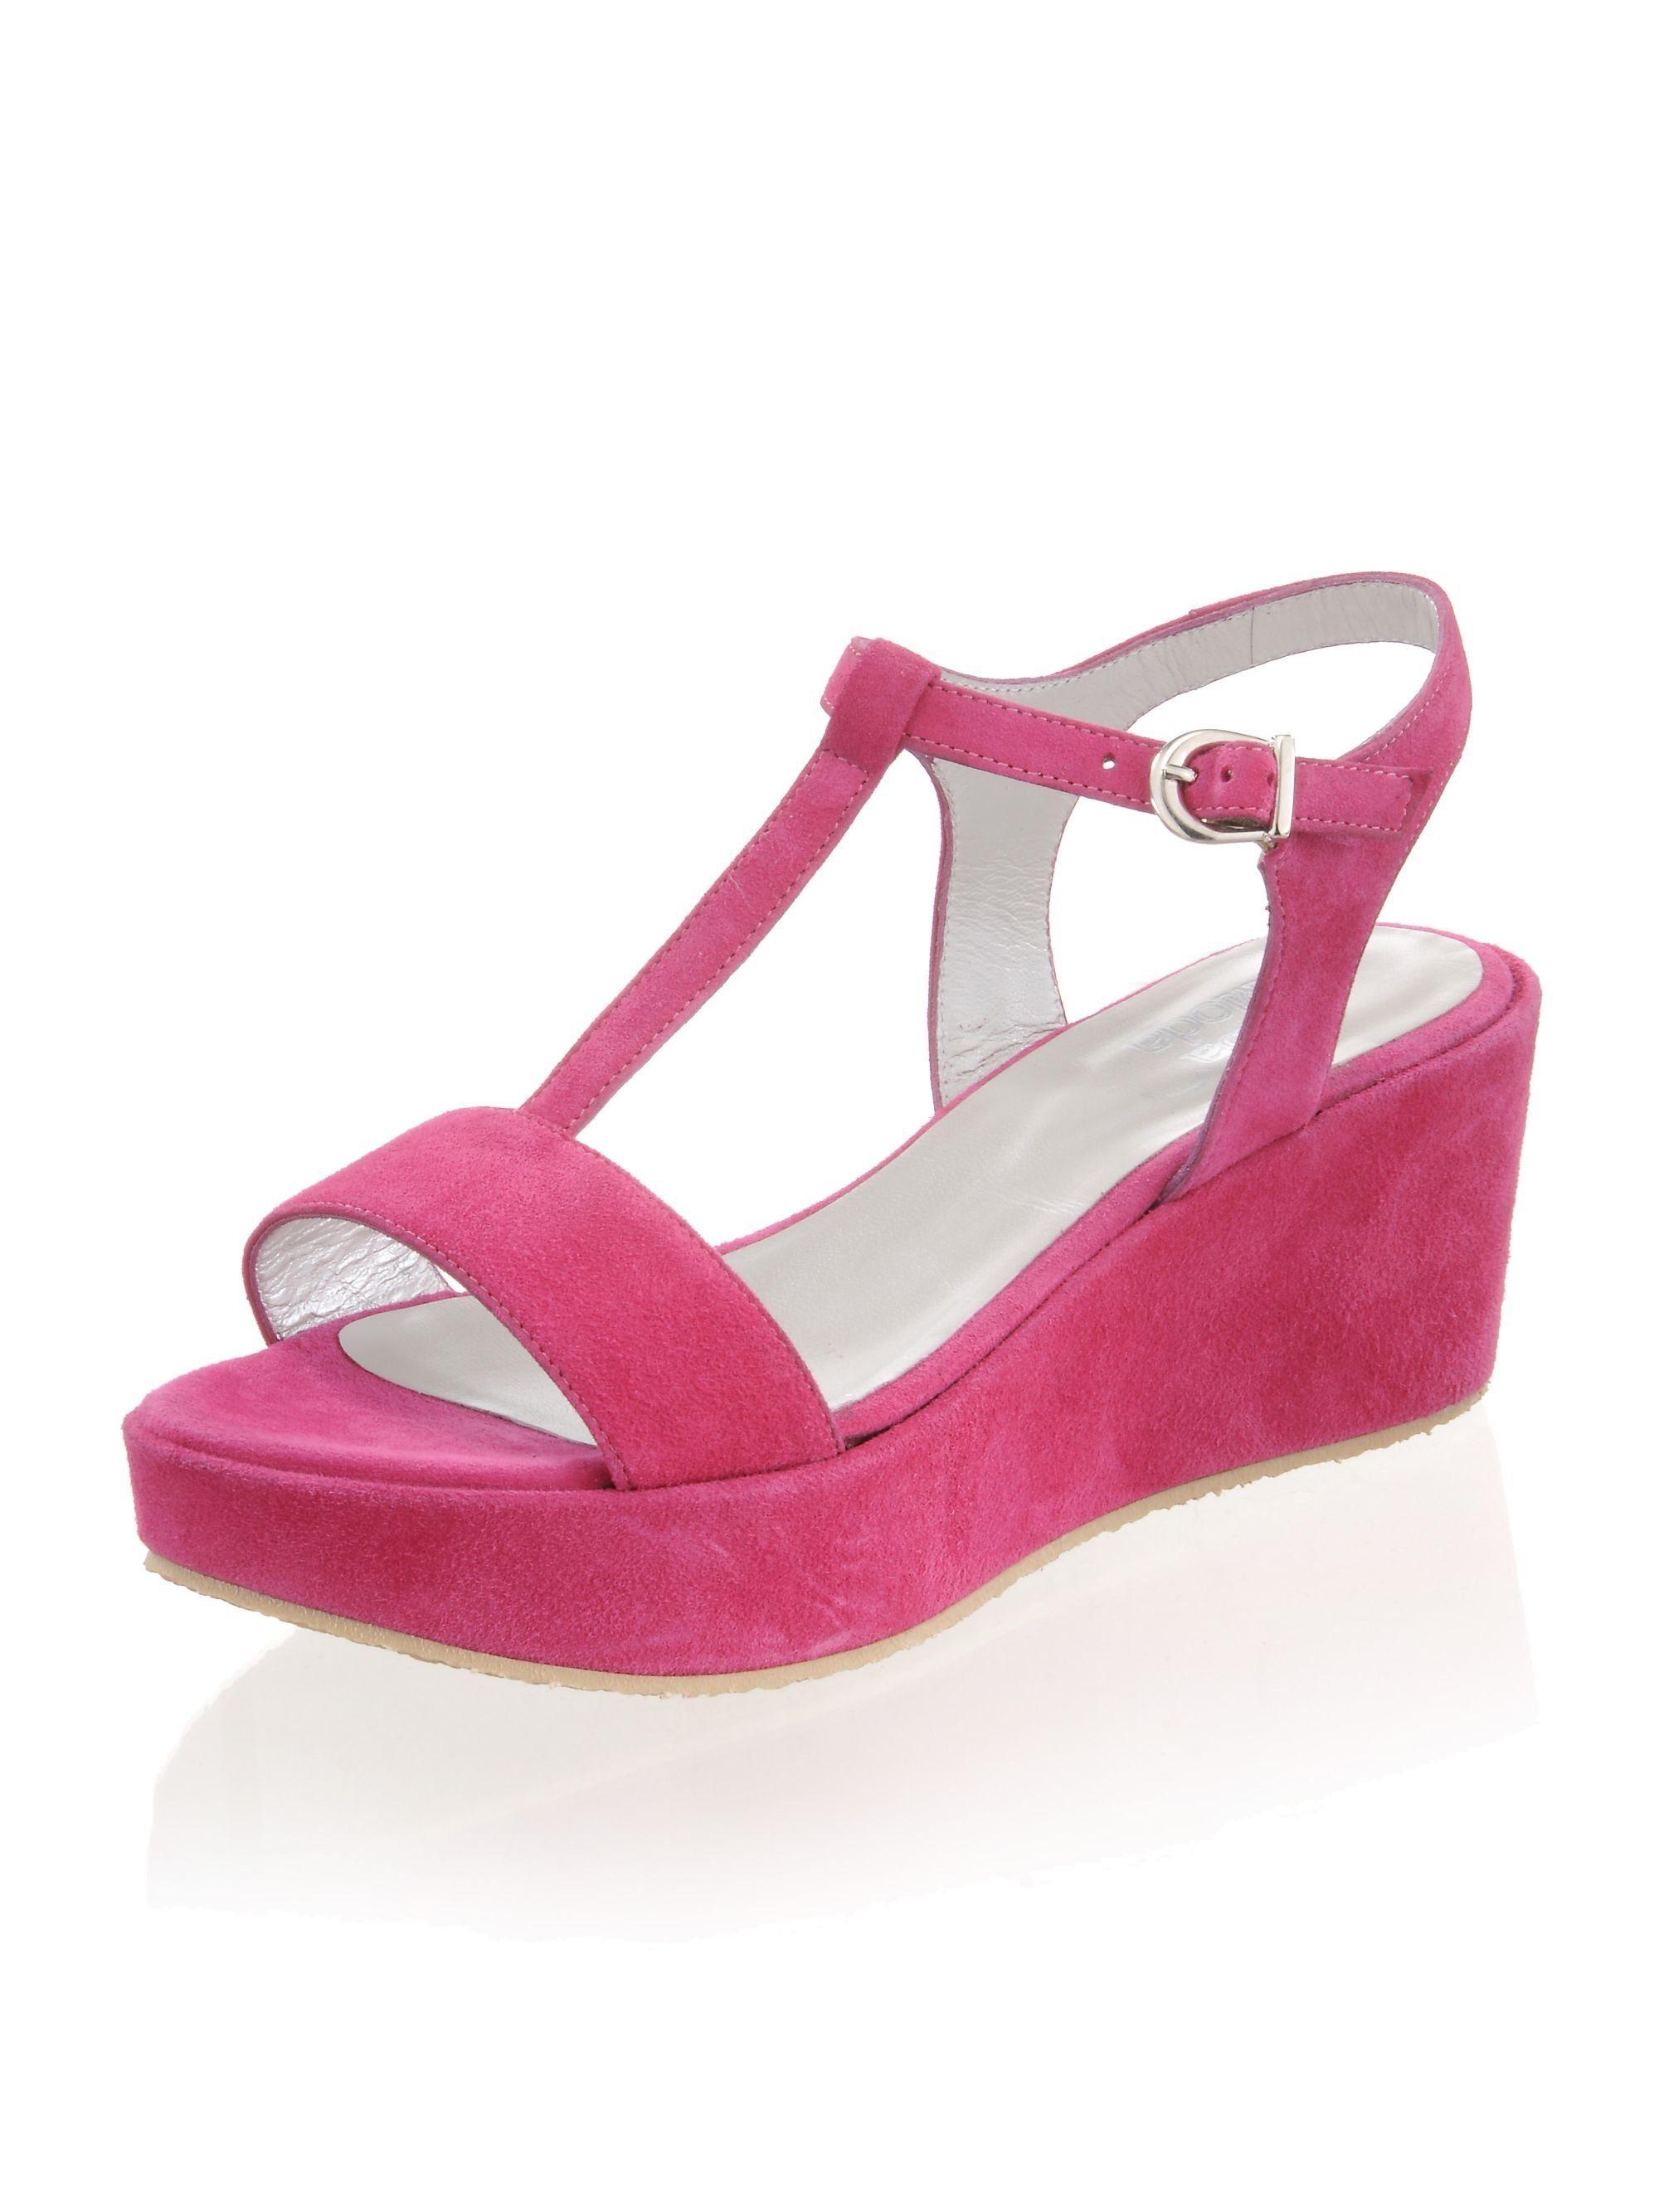 Alba Moda Sandalette mit Keilabsatz online kaufen  pink